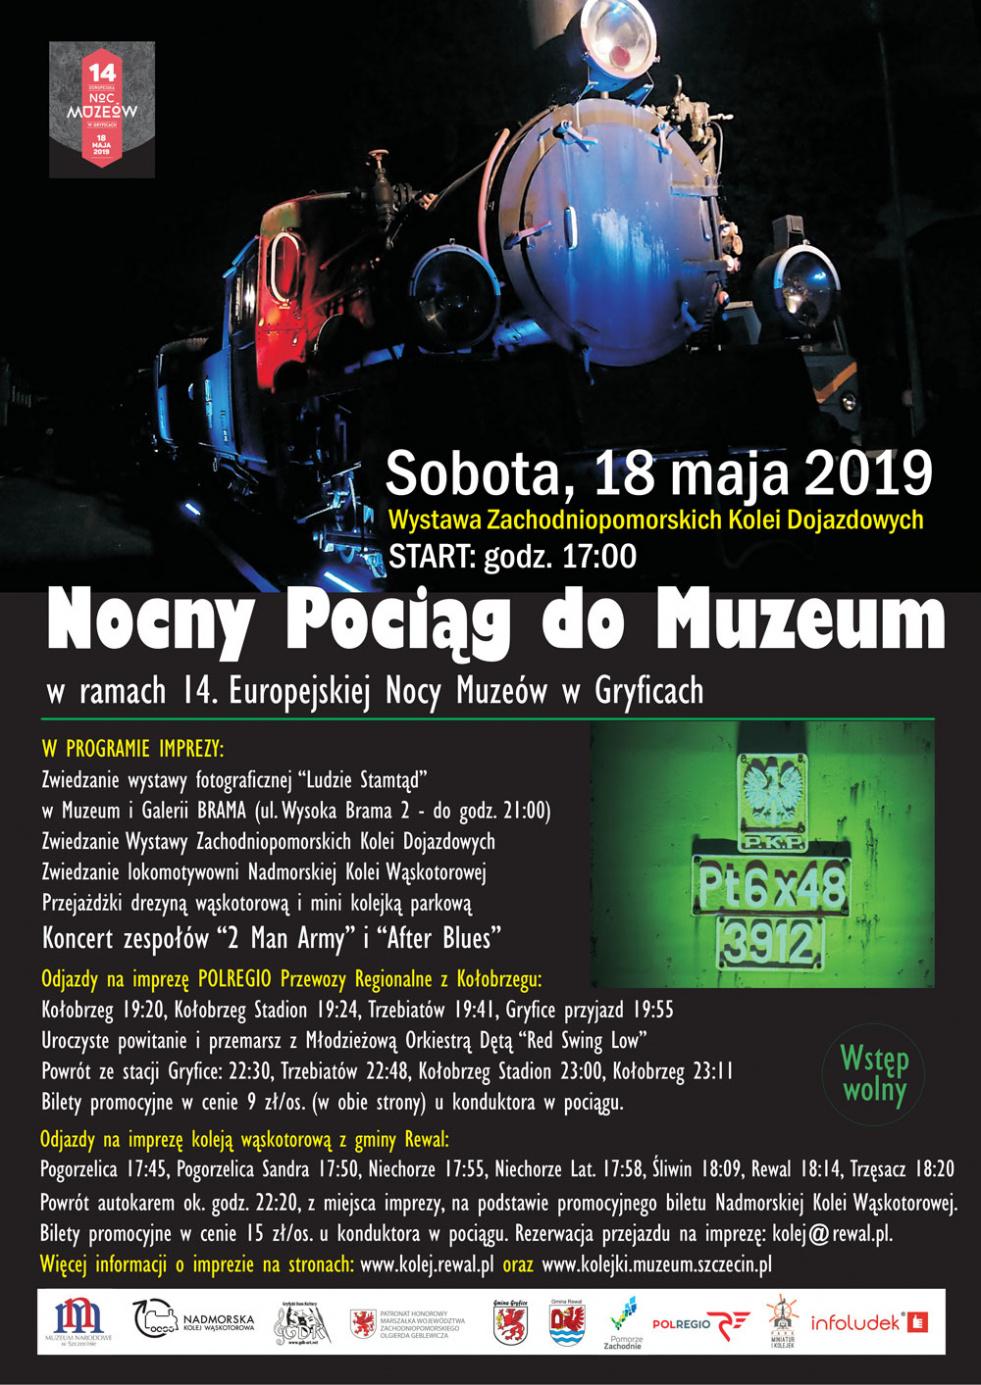 14. Europejska Noc Muzeów w Gryficach